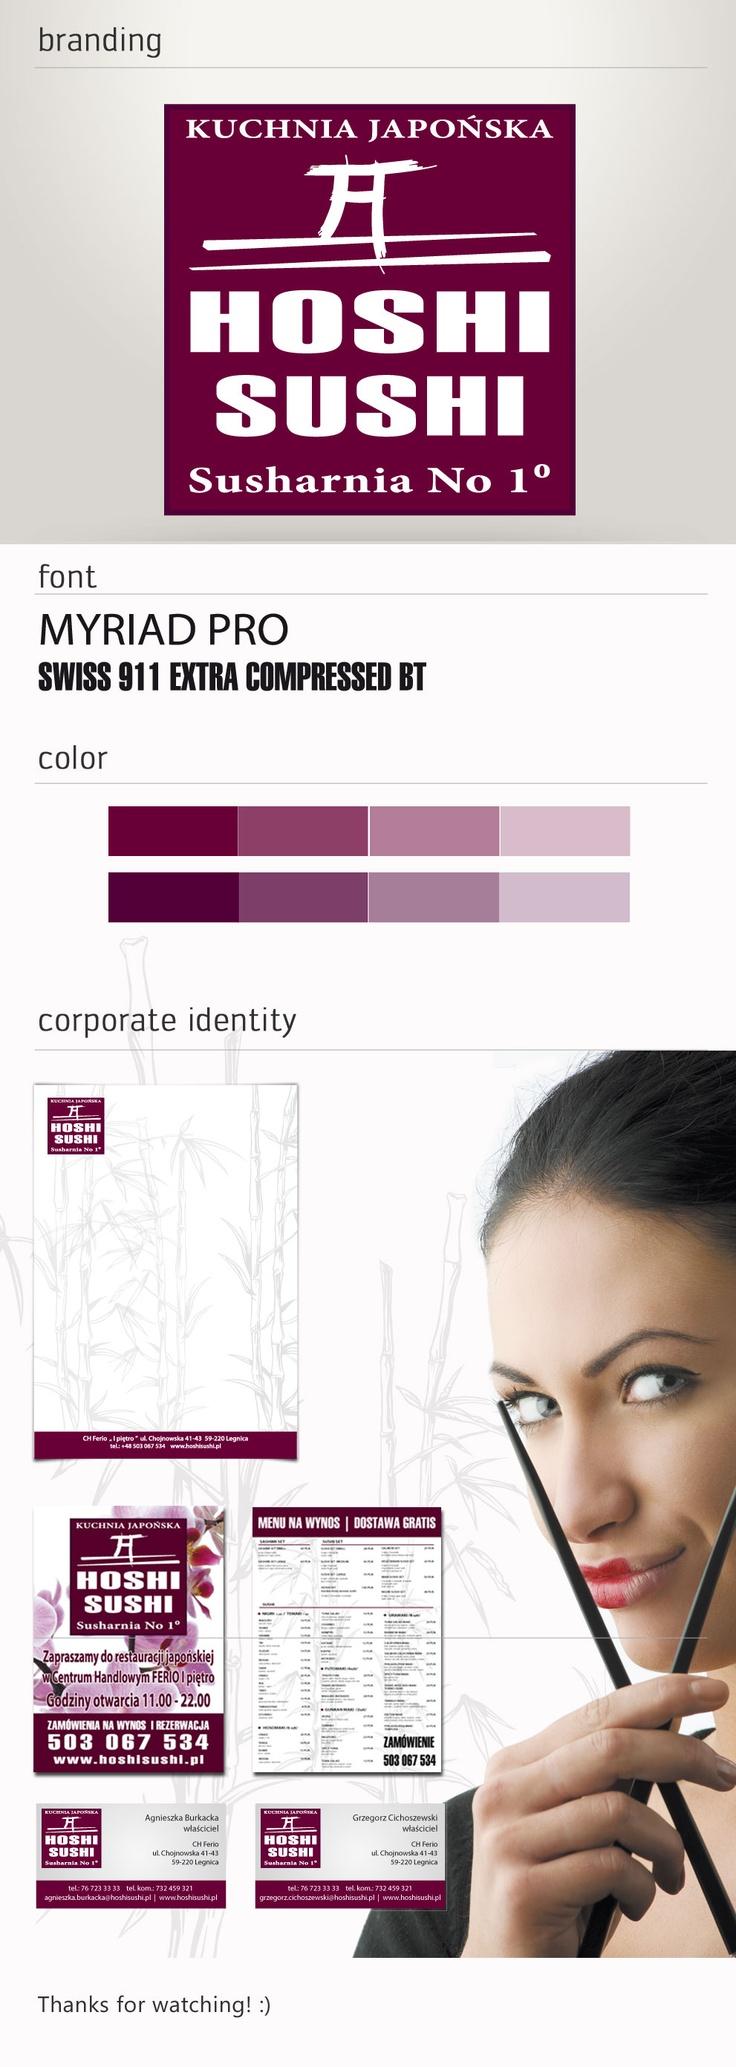 Corporate identity Hoshi-Sushi.